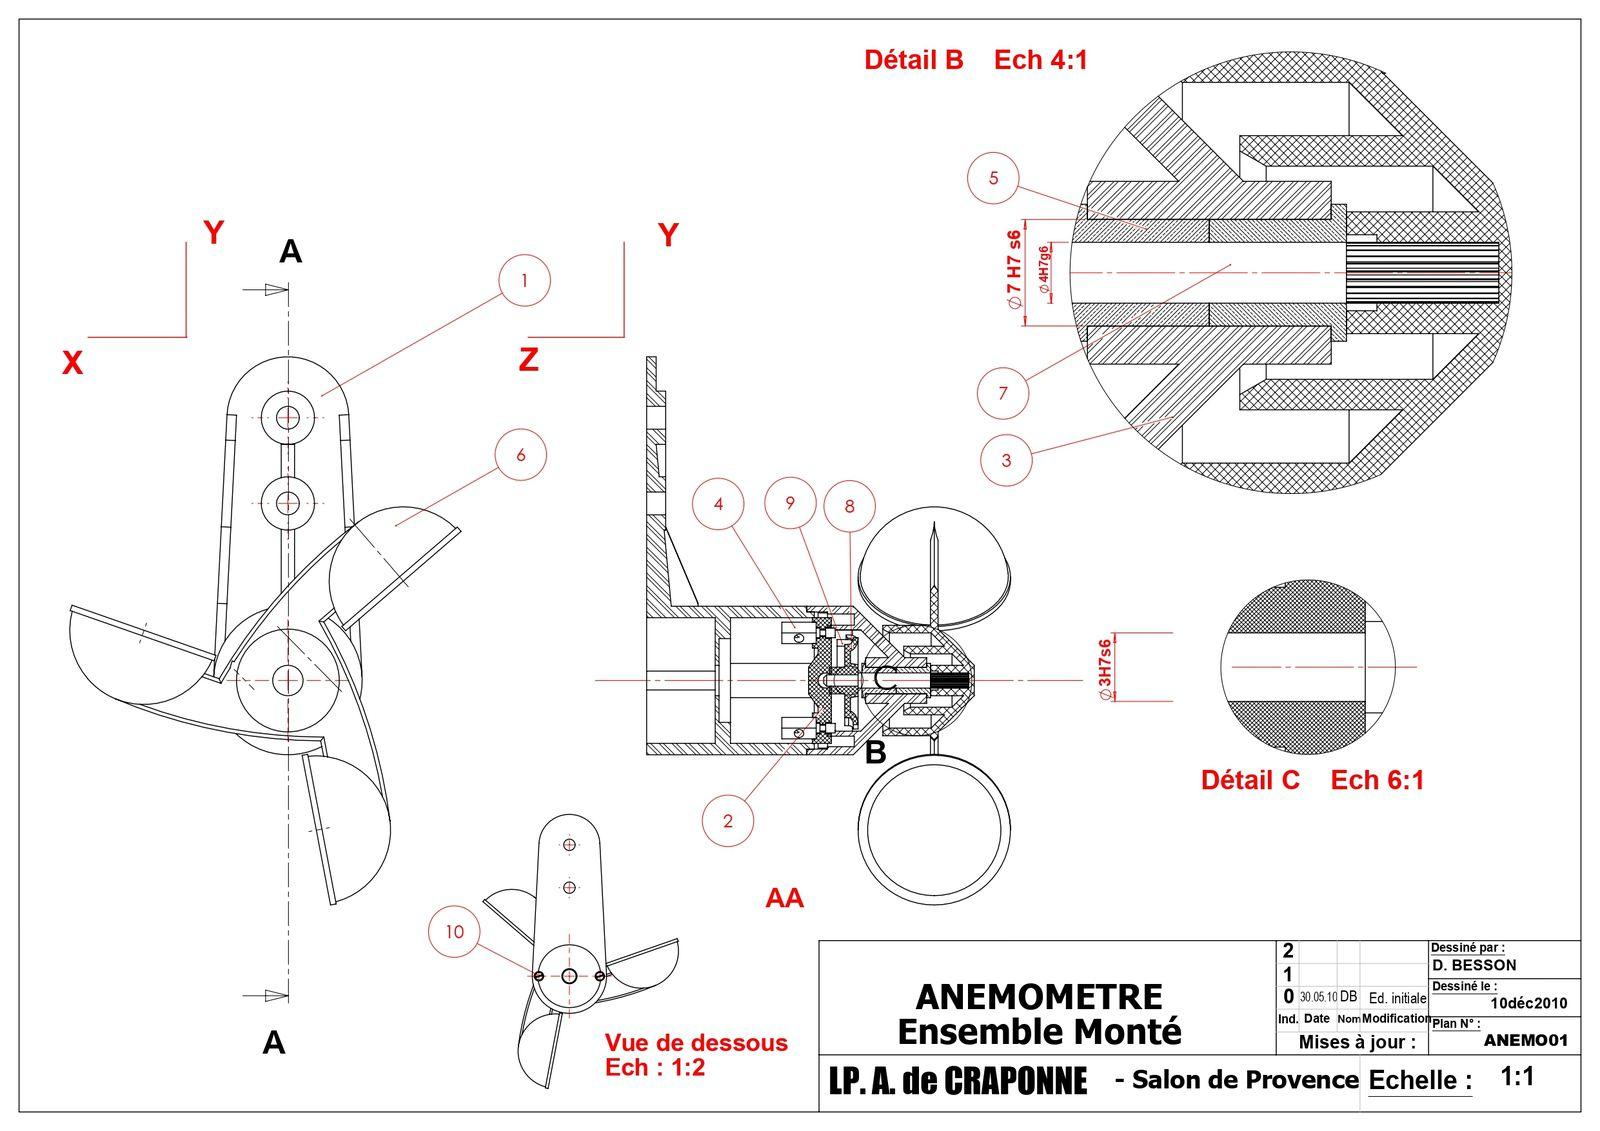 SPA Anémomètre - Identification des différentes pièces du mécanisme